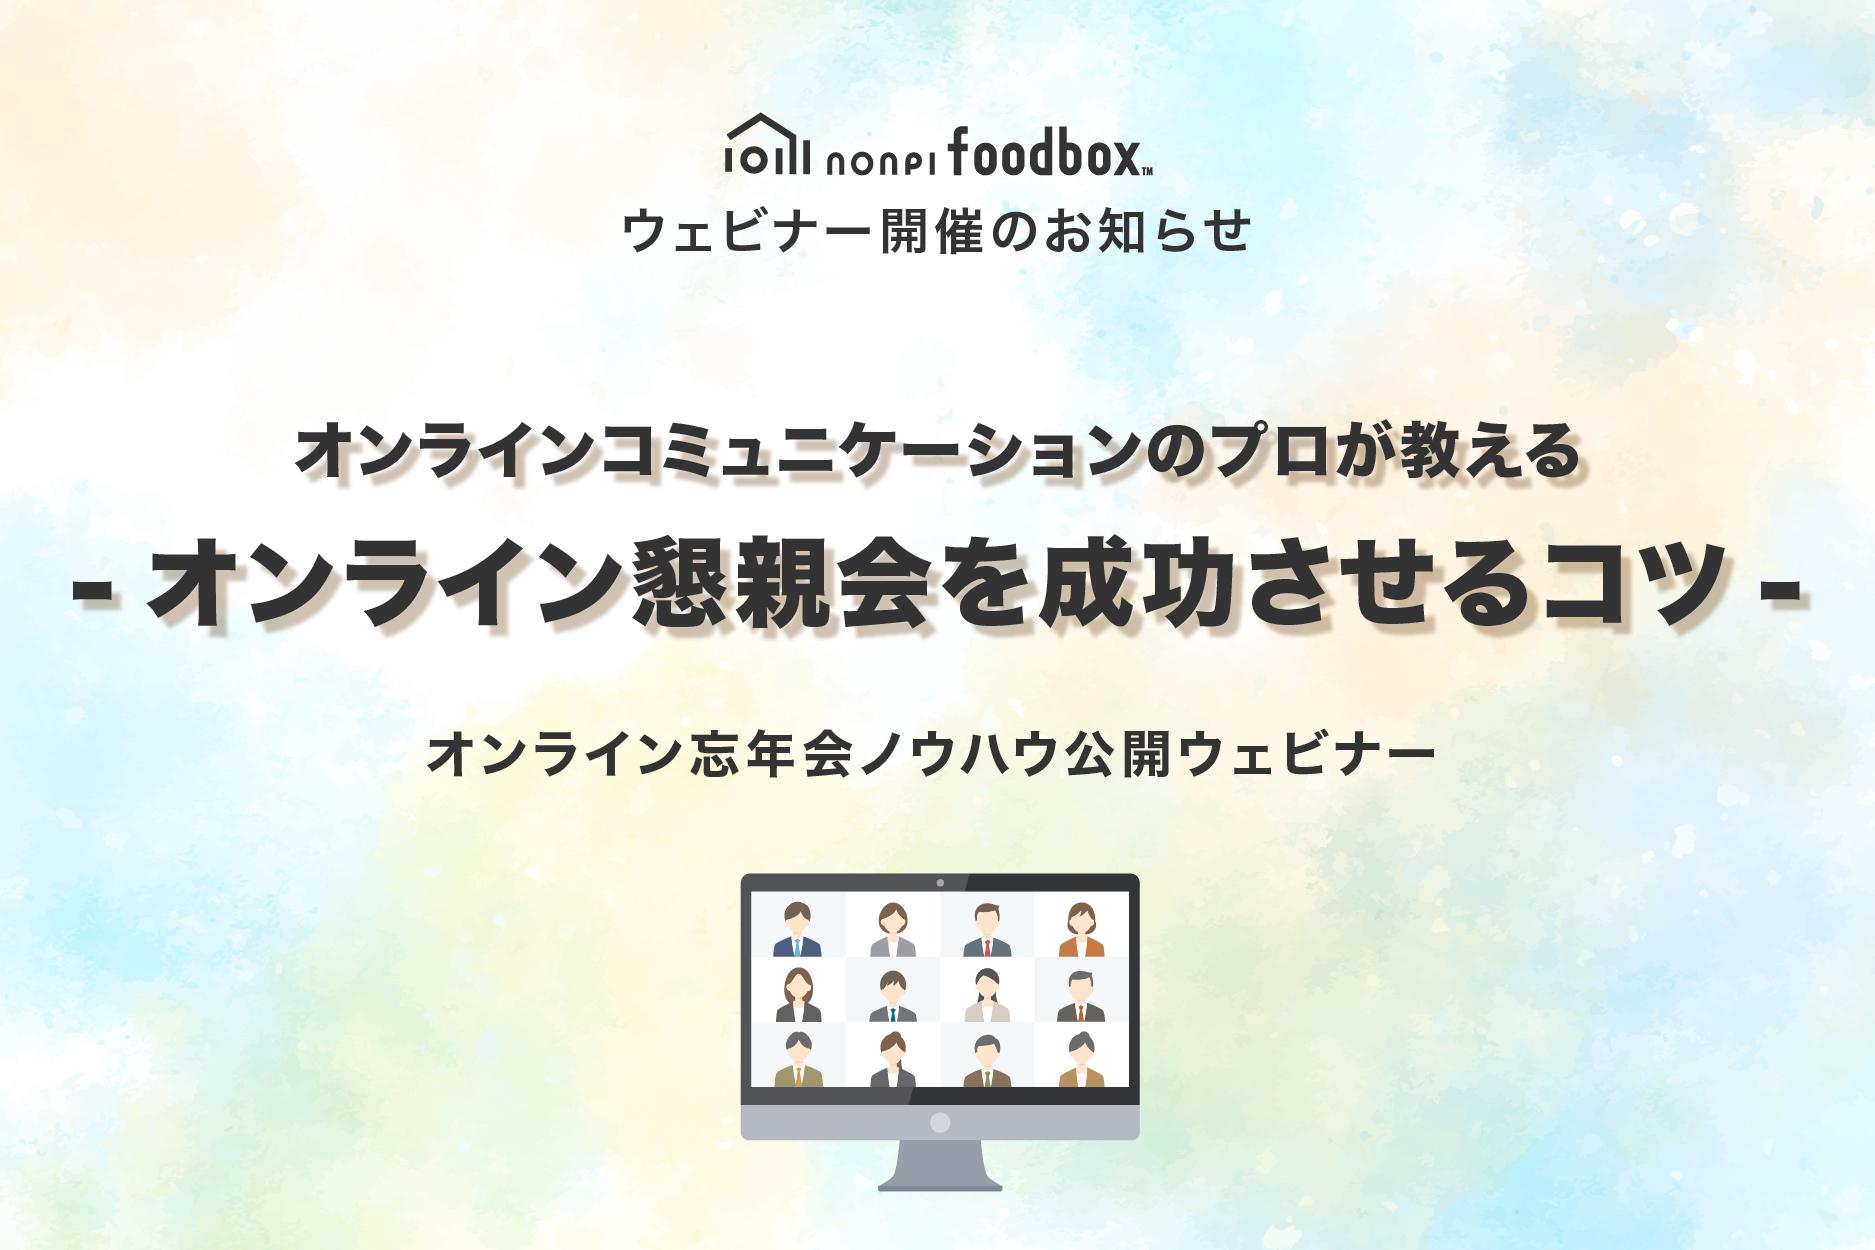 """""""オンラインコミュニケーションのプロ""""ノンピが、2021年の「オンライン忘年会 」をサポートします!ノウハウ公開ウェビナー全6回開催。"""